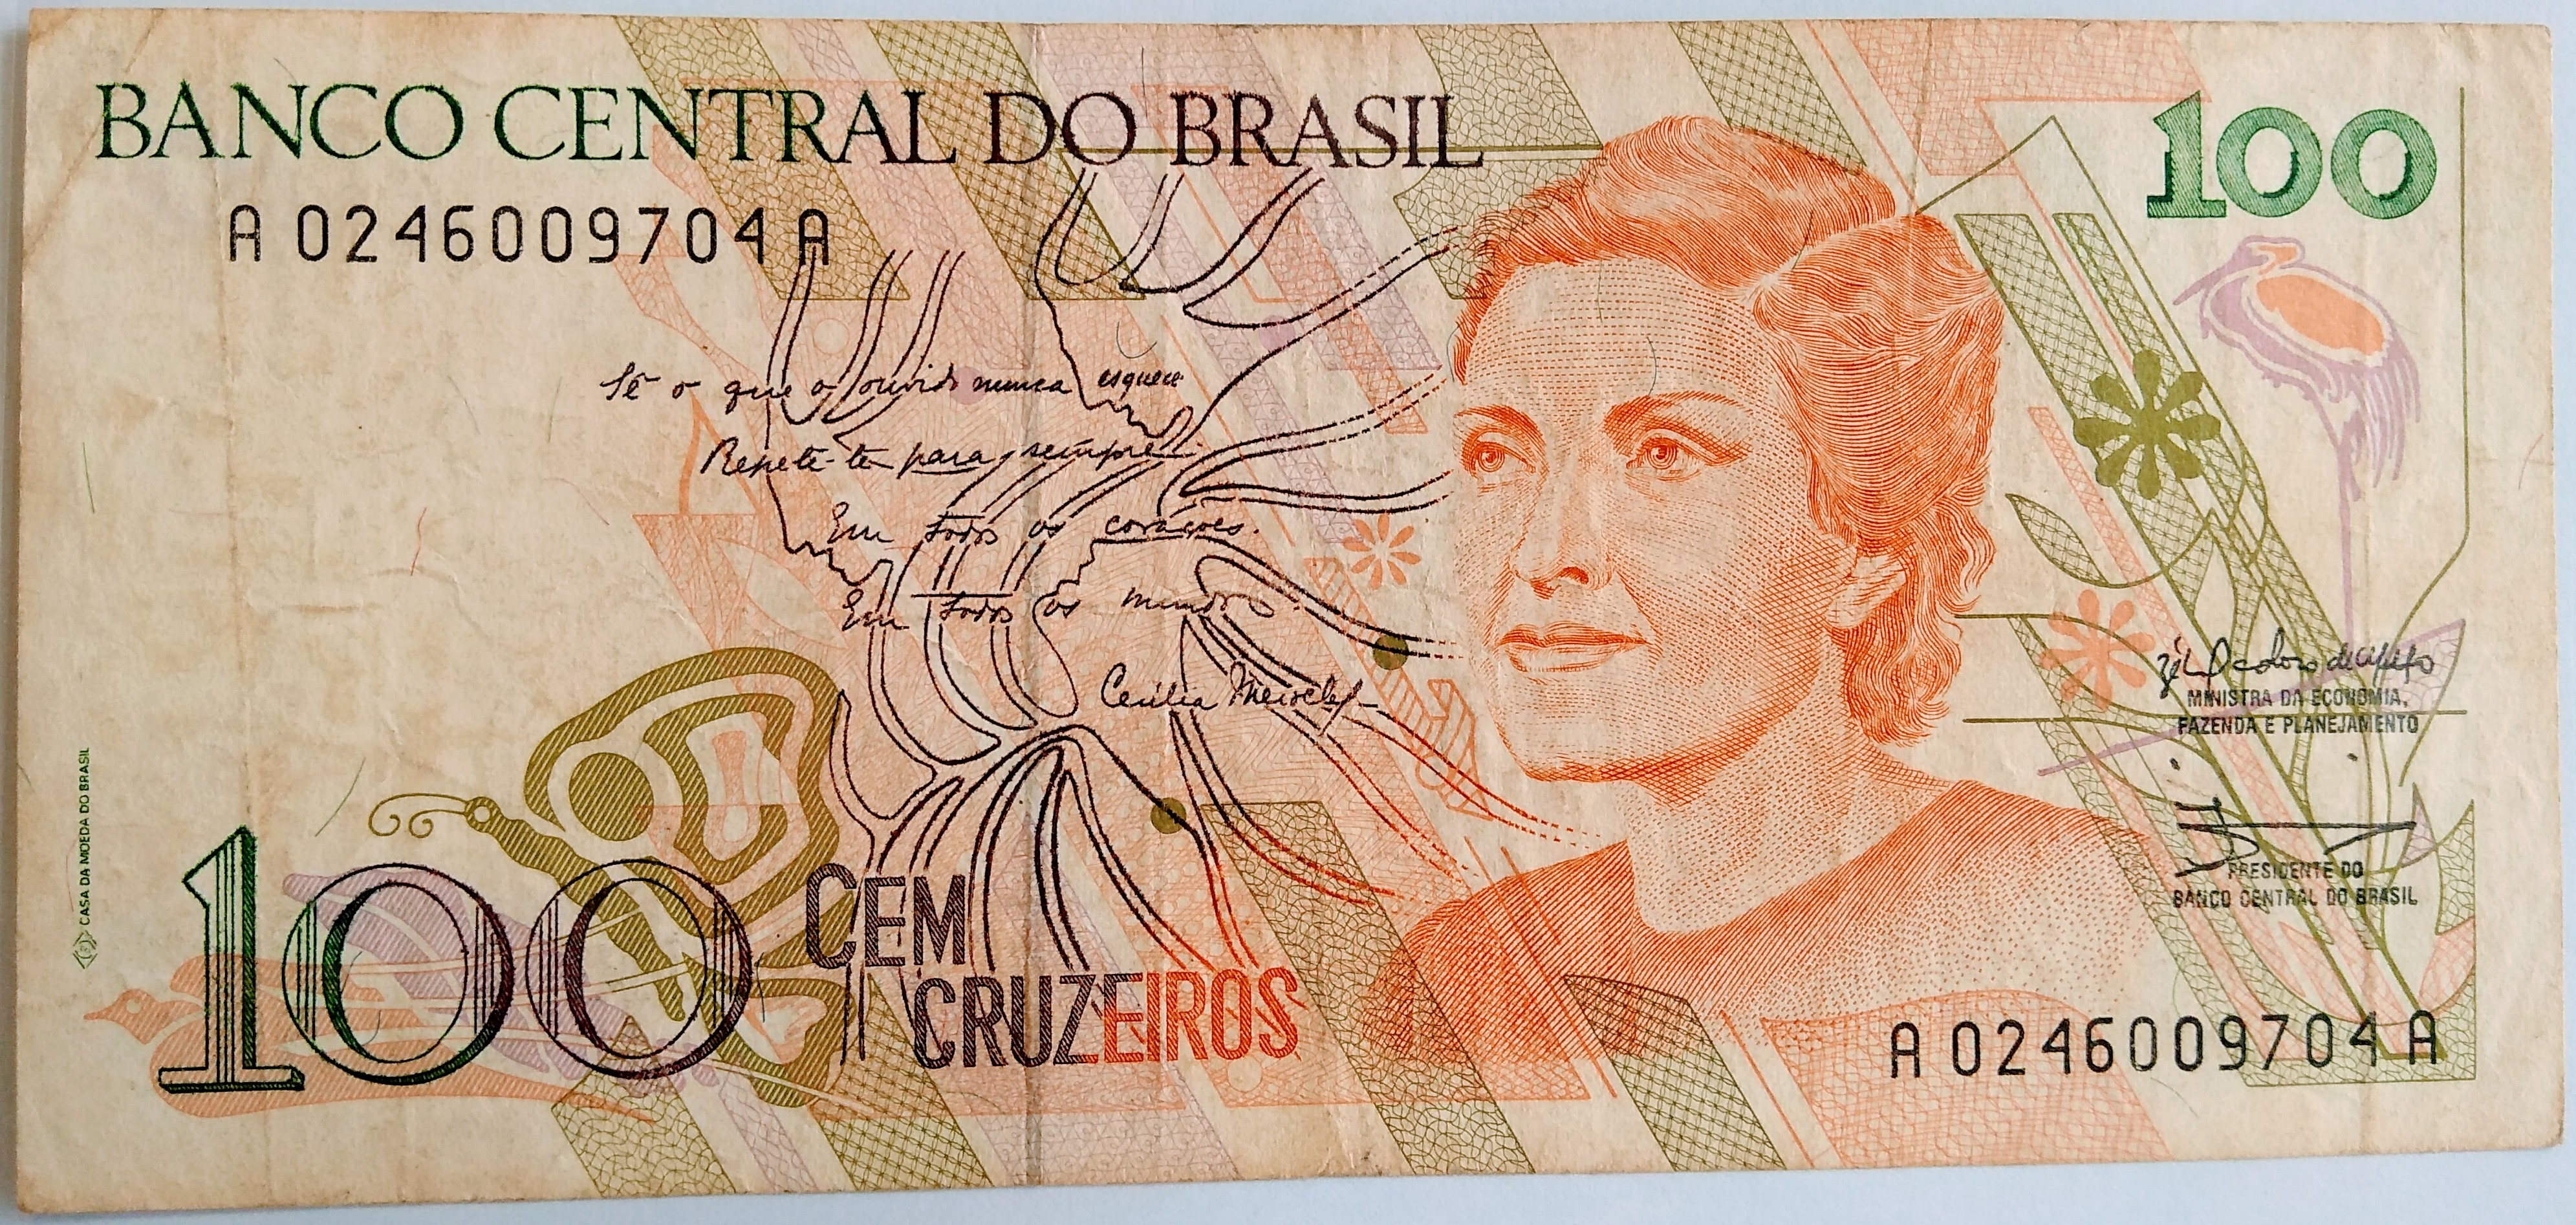 100 CRUZEIROS